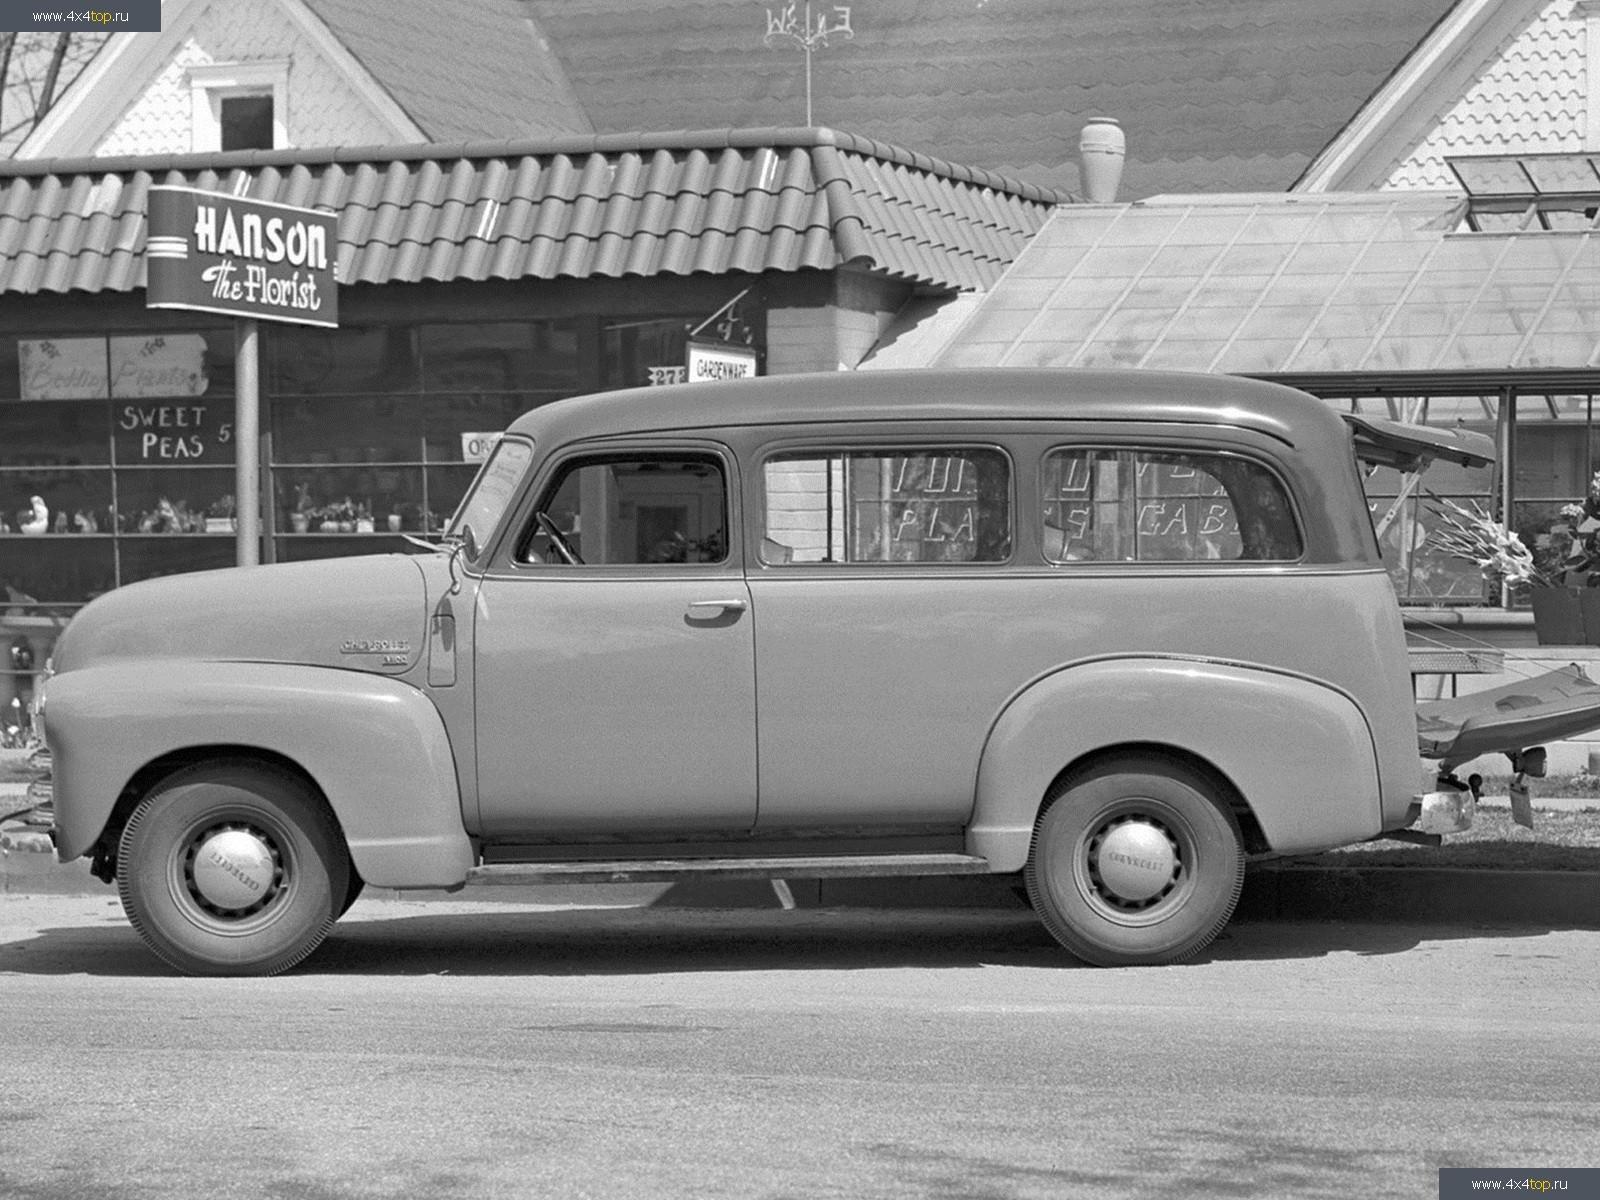 История легенды. Chevrolet Suburban автомобили,история,машины